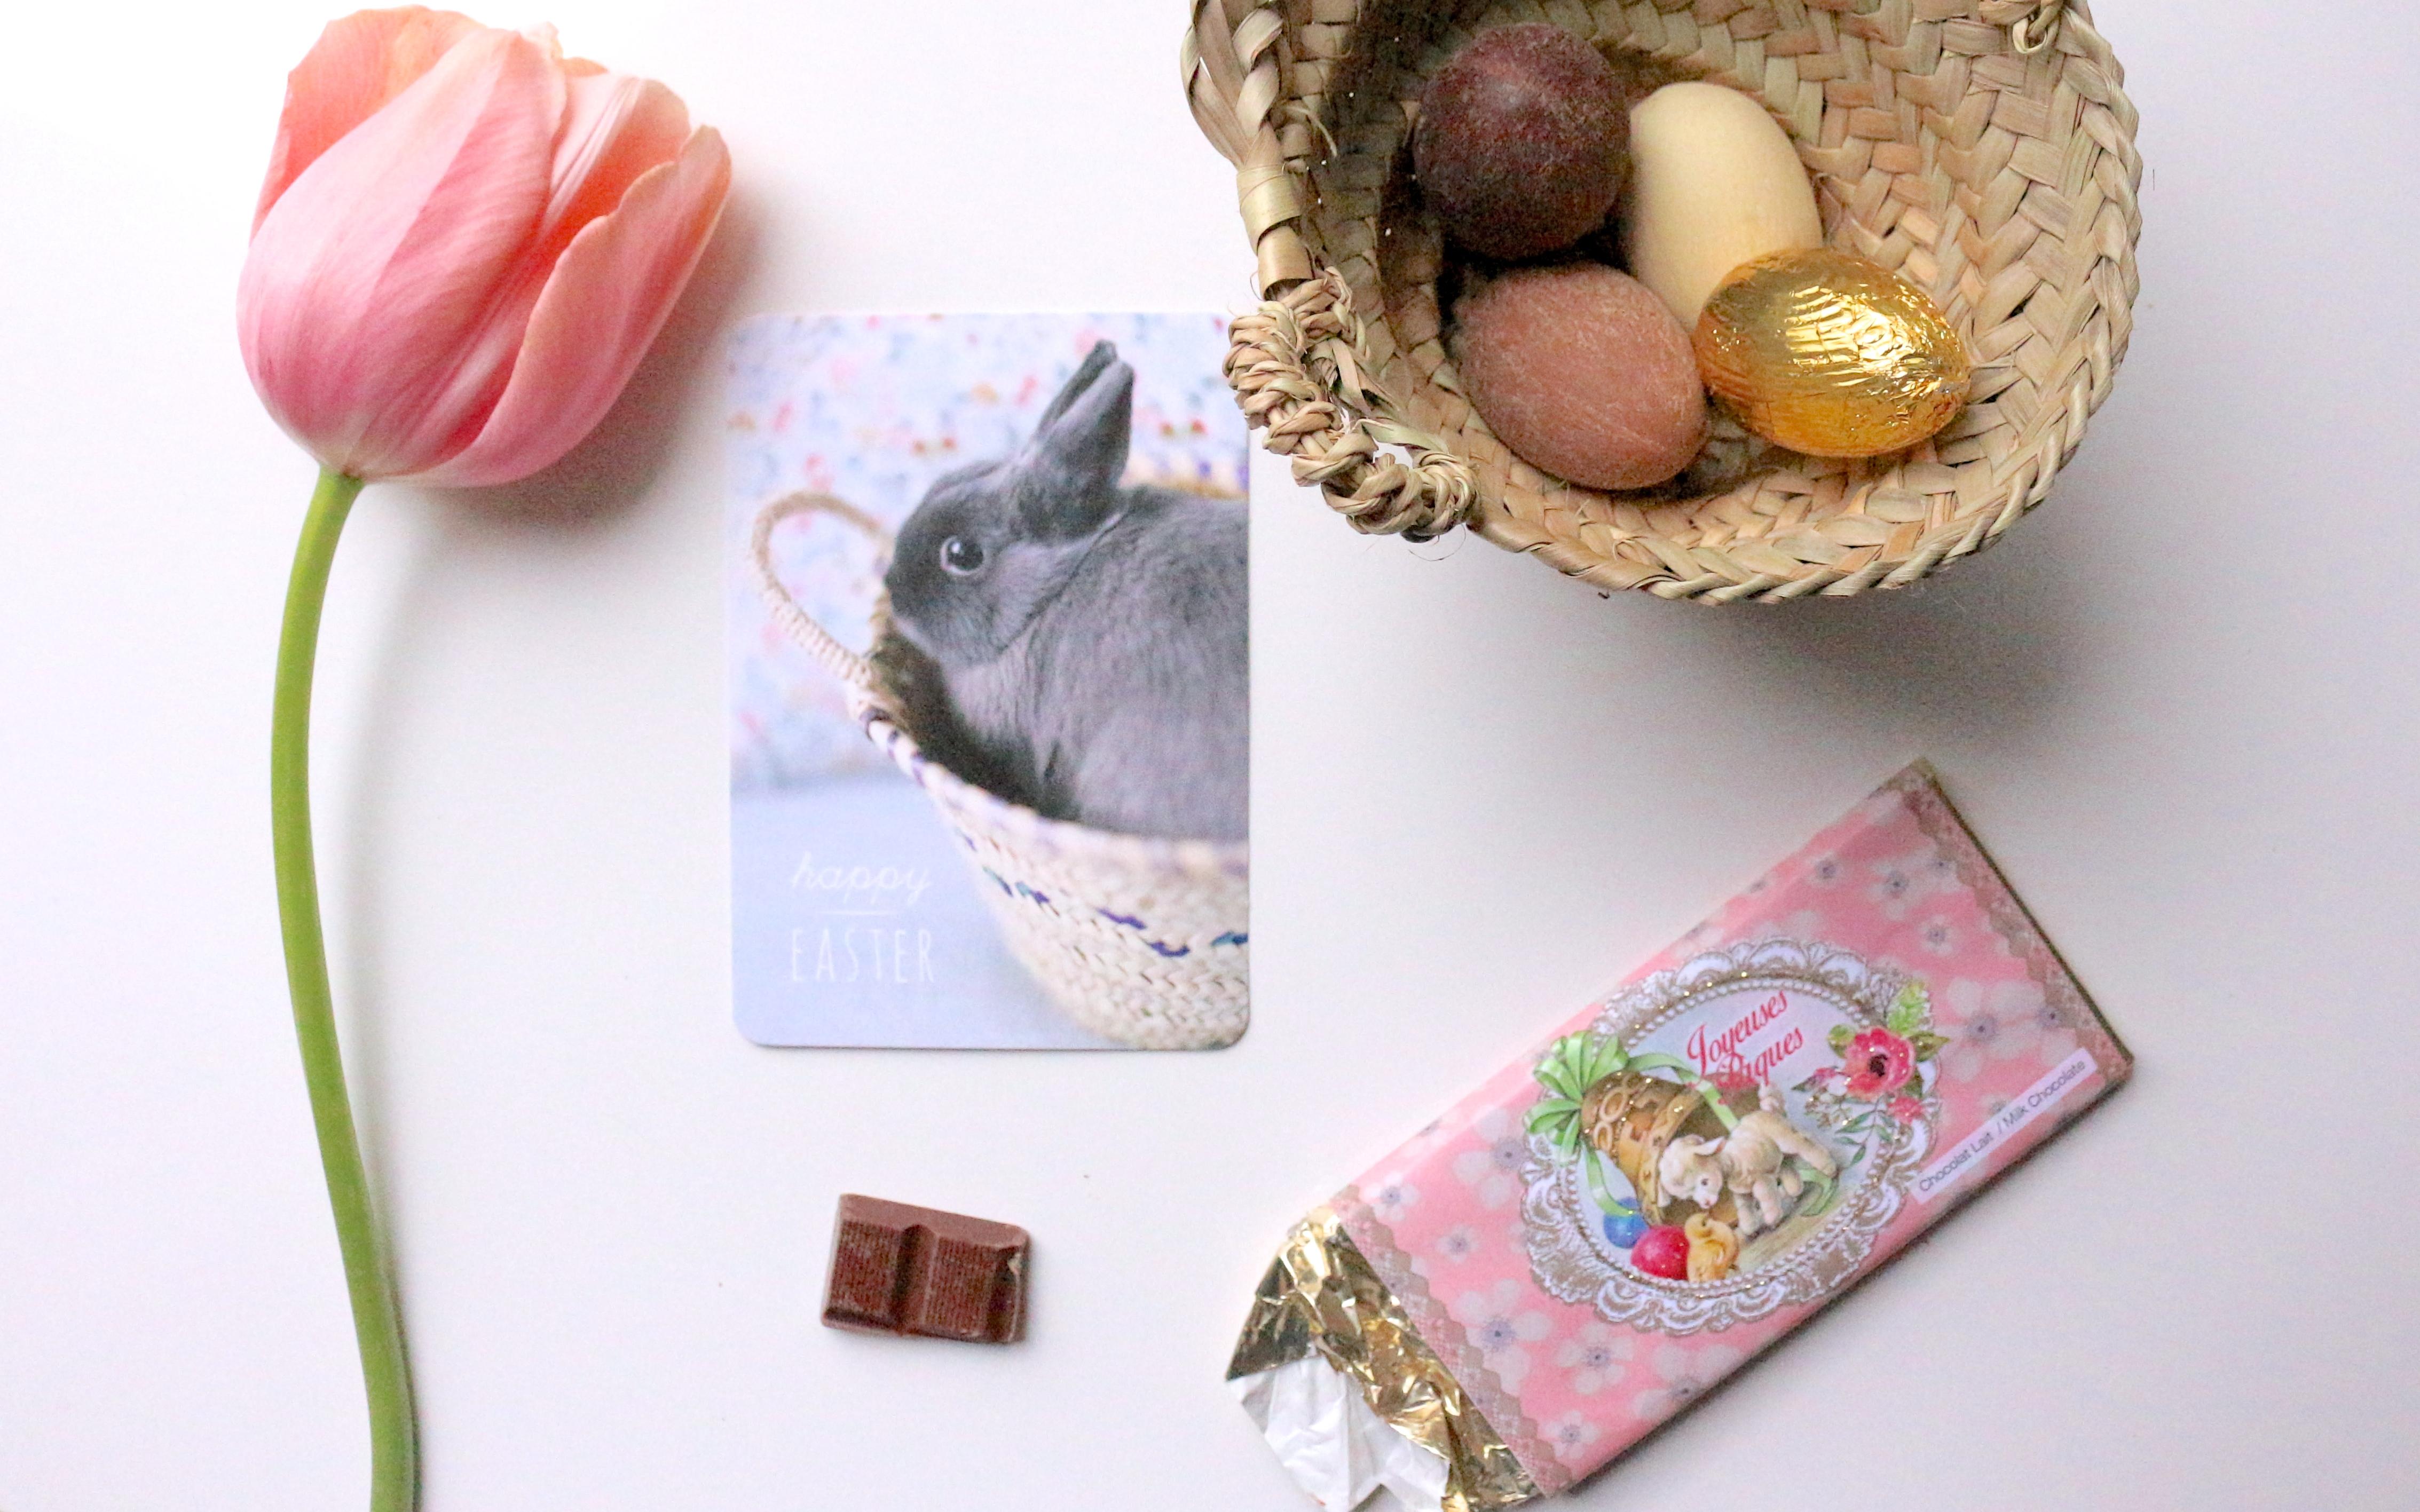 Chocolats de Pâques - Easter chocolates - Sweet Cabane